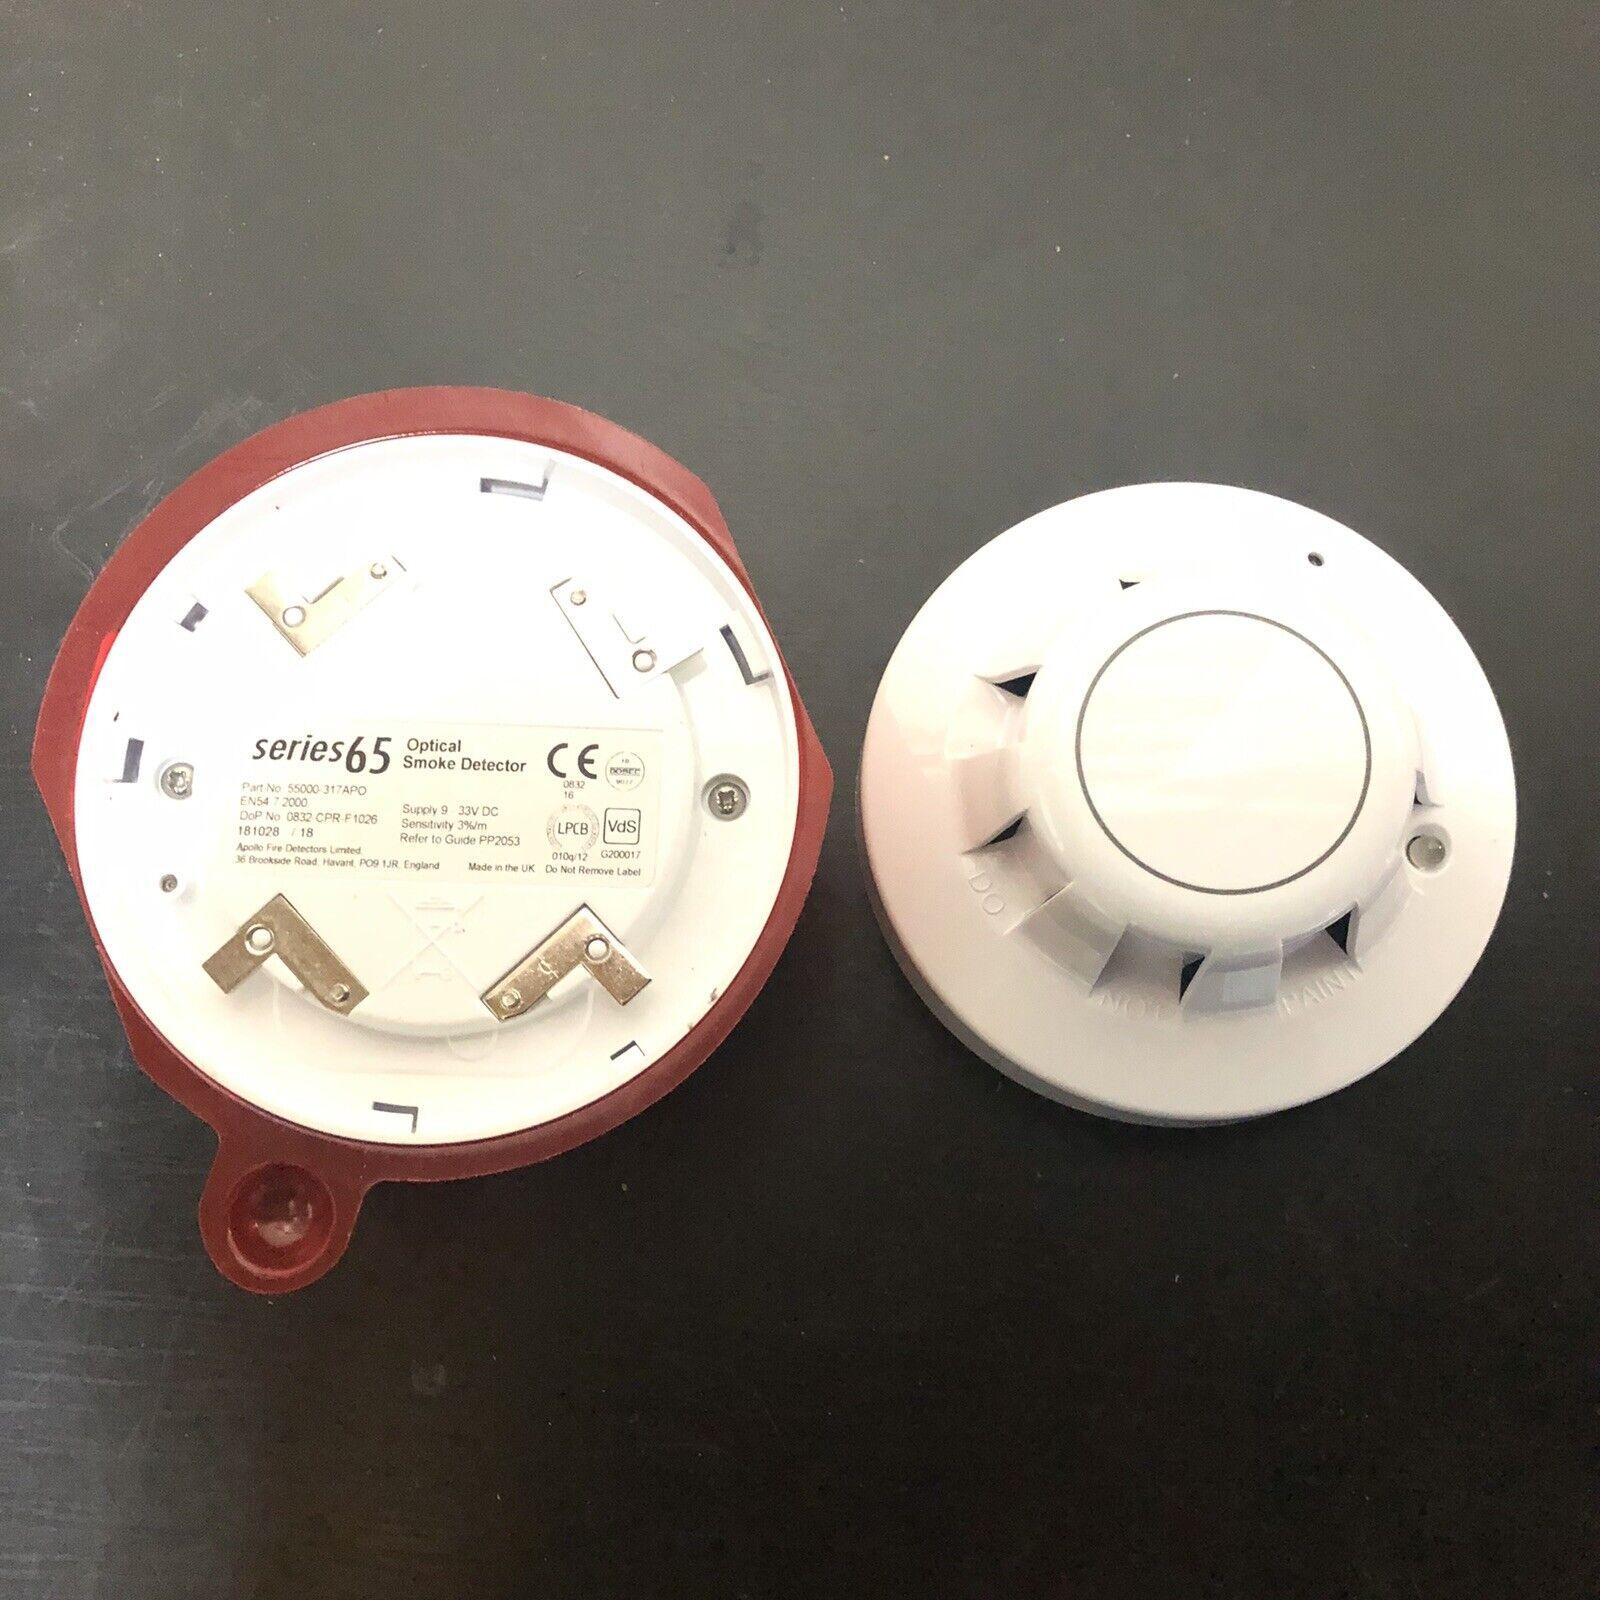 Apollo Series65 Optical Smoke Detector 55000 317 Apo For Sale